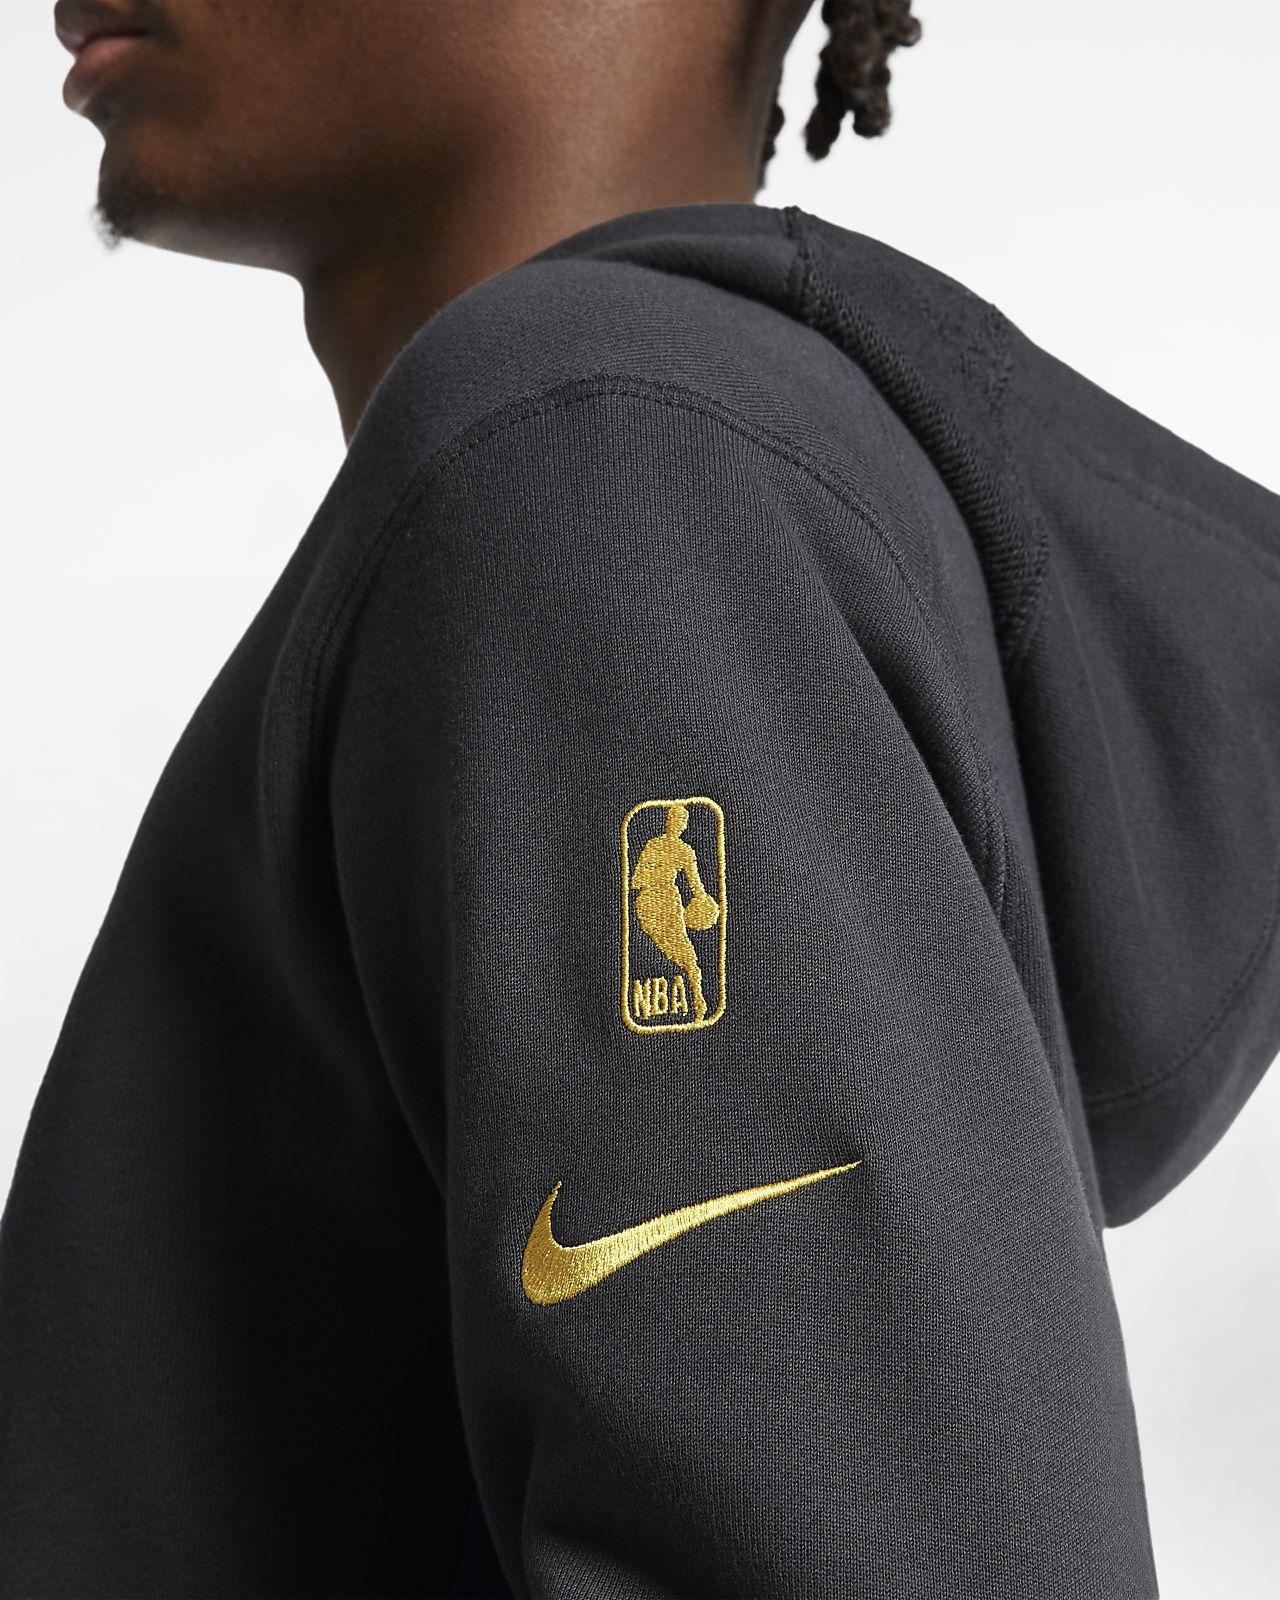 b0c444f0d50fb Sudadera con capucha de NBA para hombre Golden State Warriors Nike ...